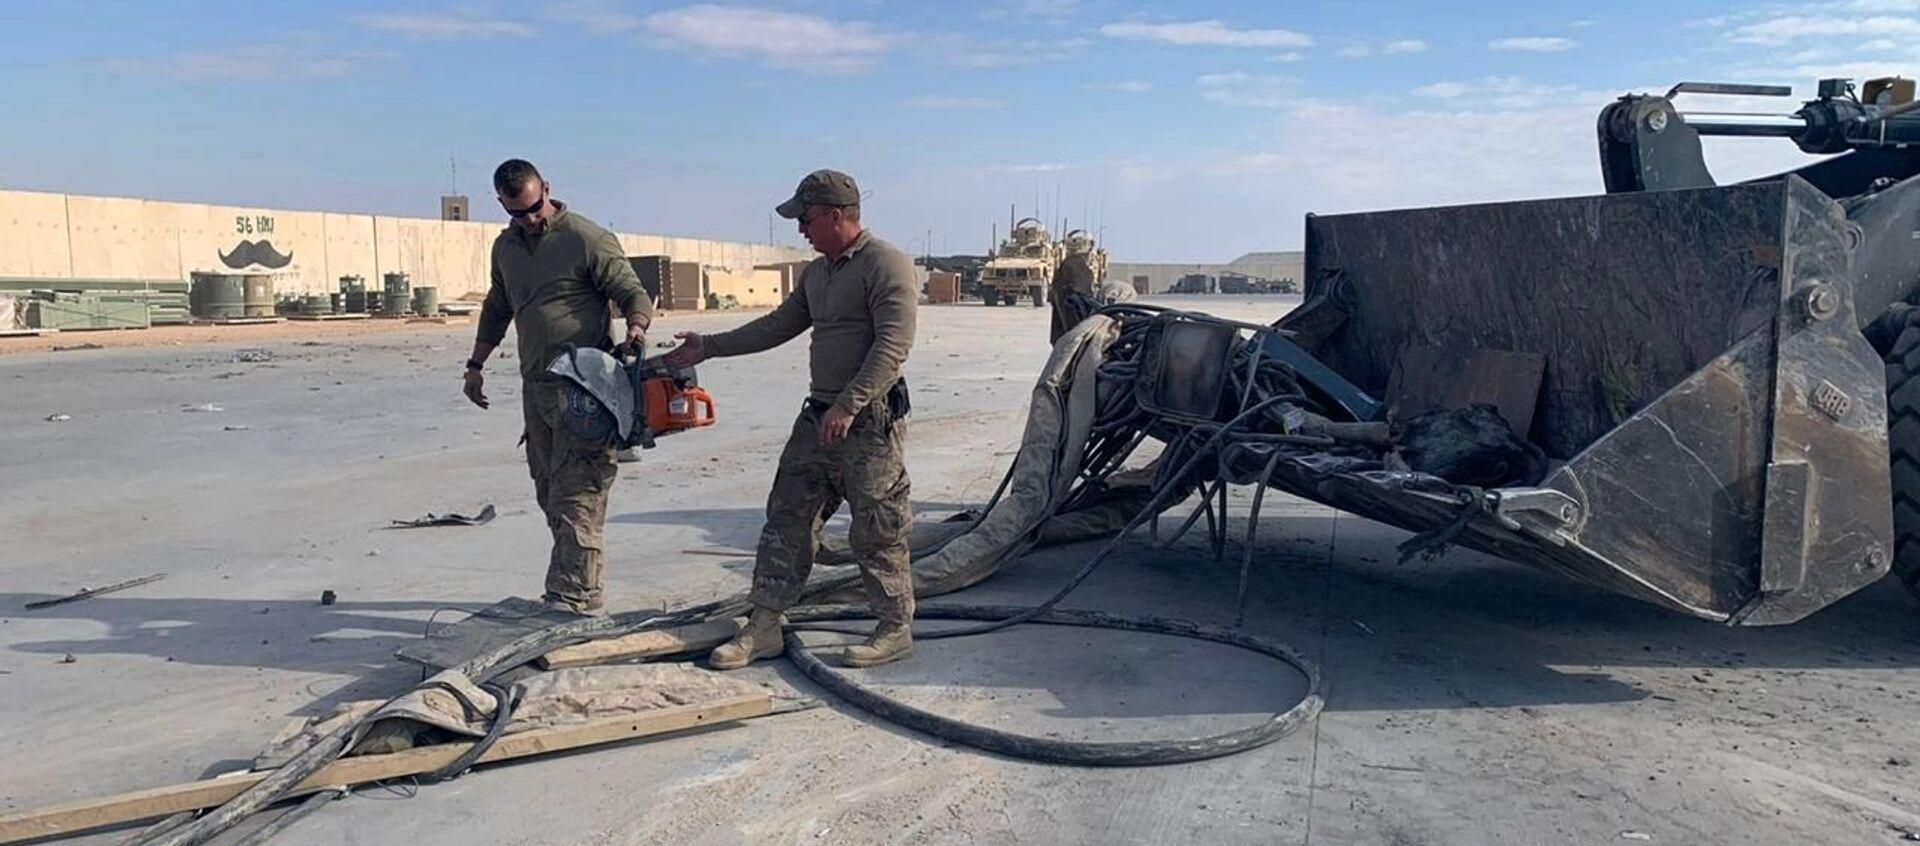 Amerykańscy żołnierze czyszczą bazę wojskową po ostrzelaniu, Irak  - Sputnik Polska, 1920, 03.03.2021